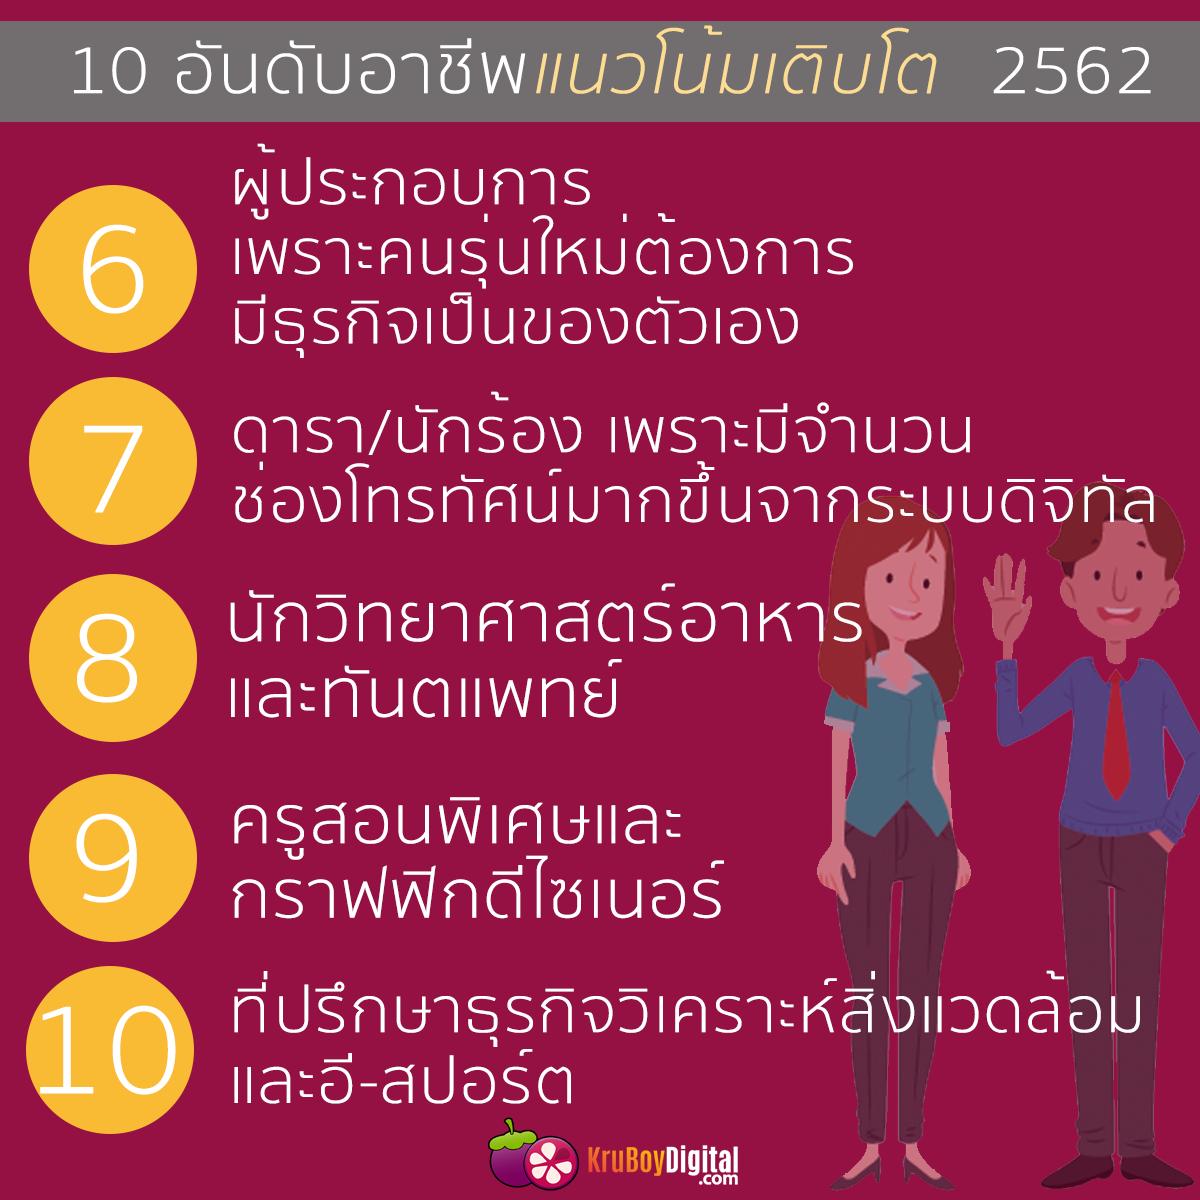 10 อาชีพที่มีแนวโน้มเติบโต